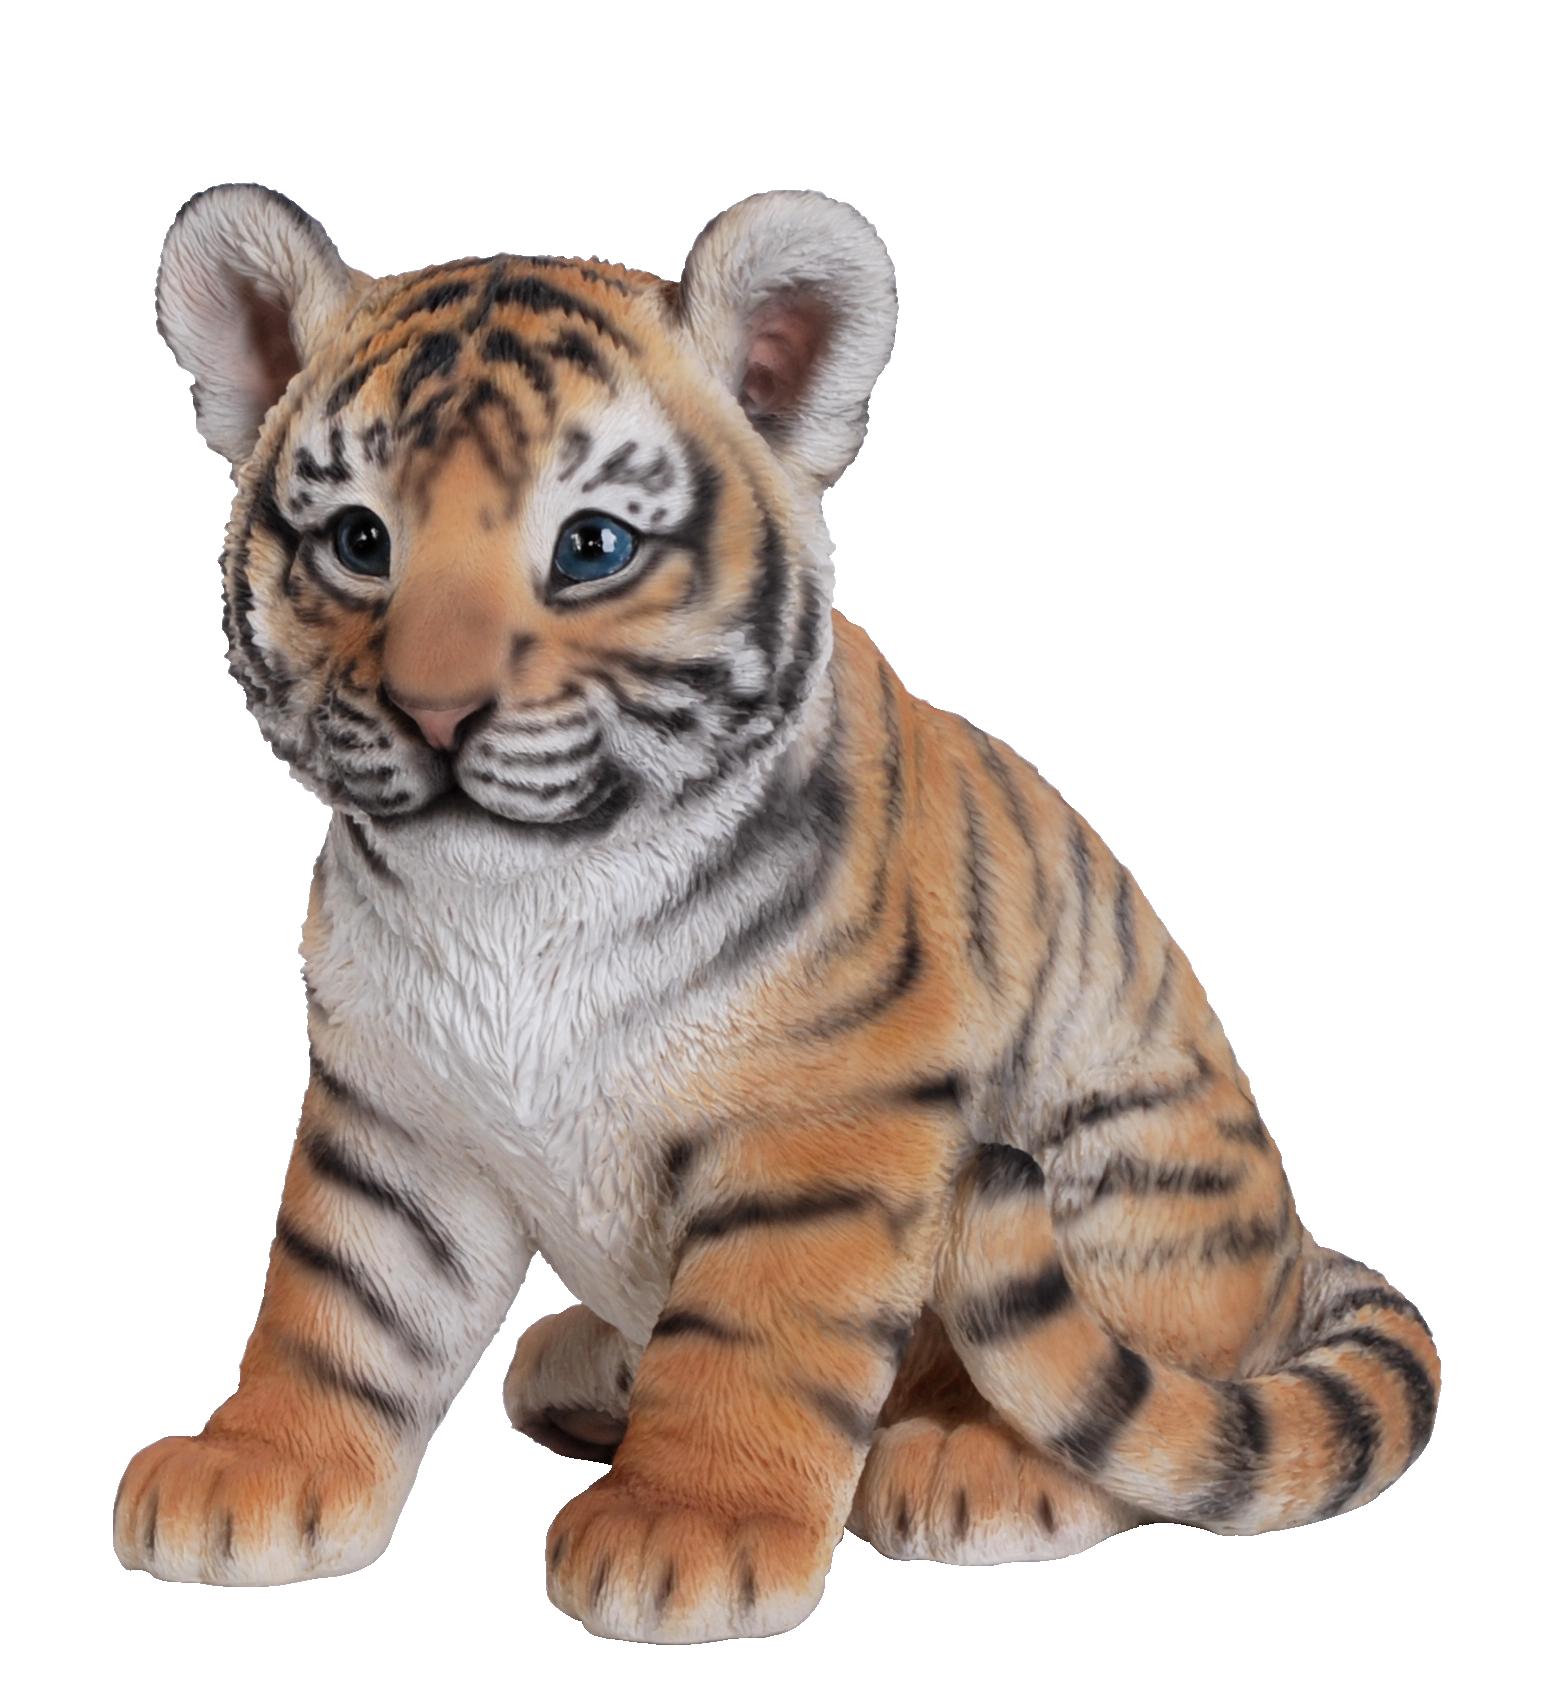 Tiger-Cub-baby-triger-photo - PNG Cub